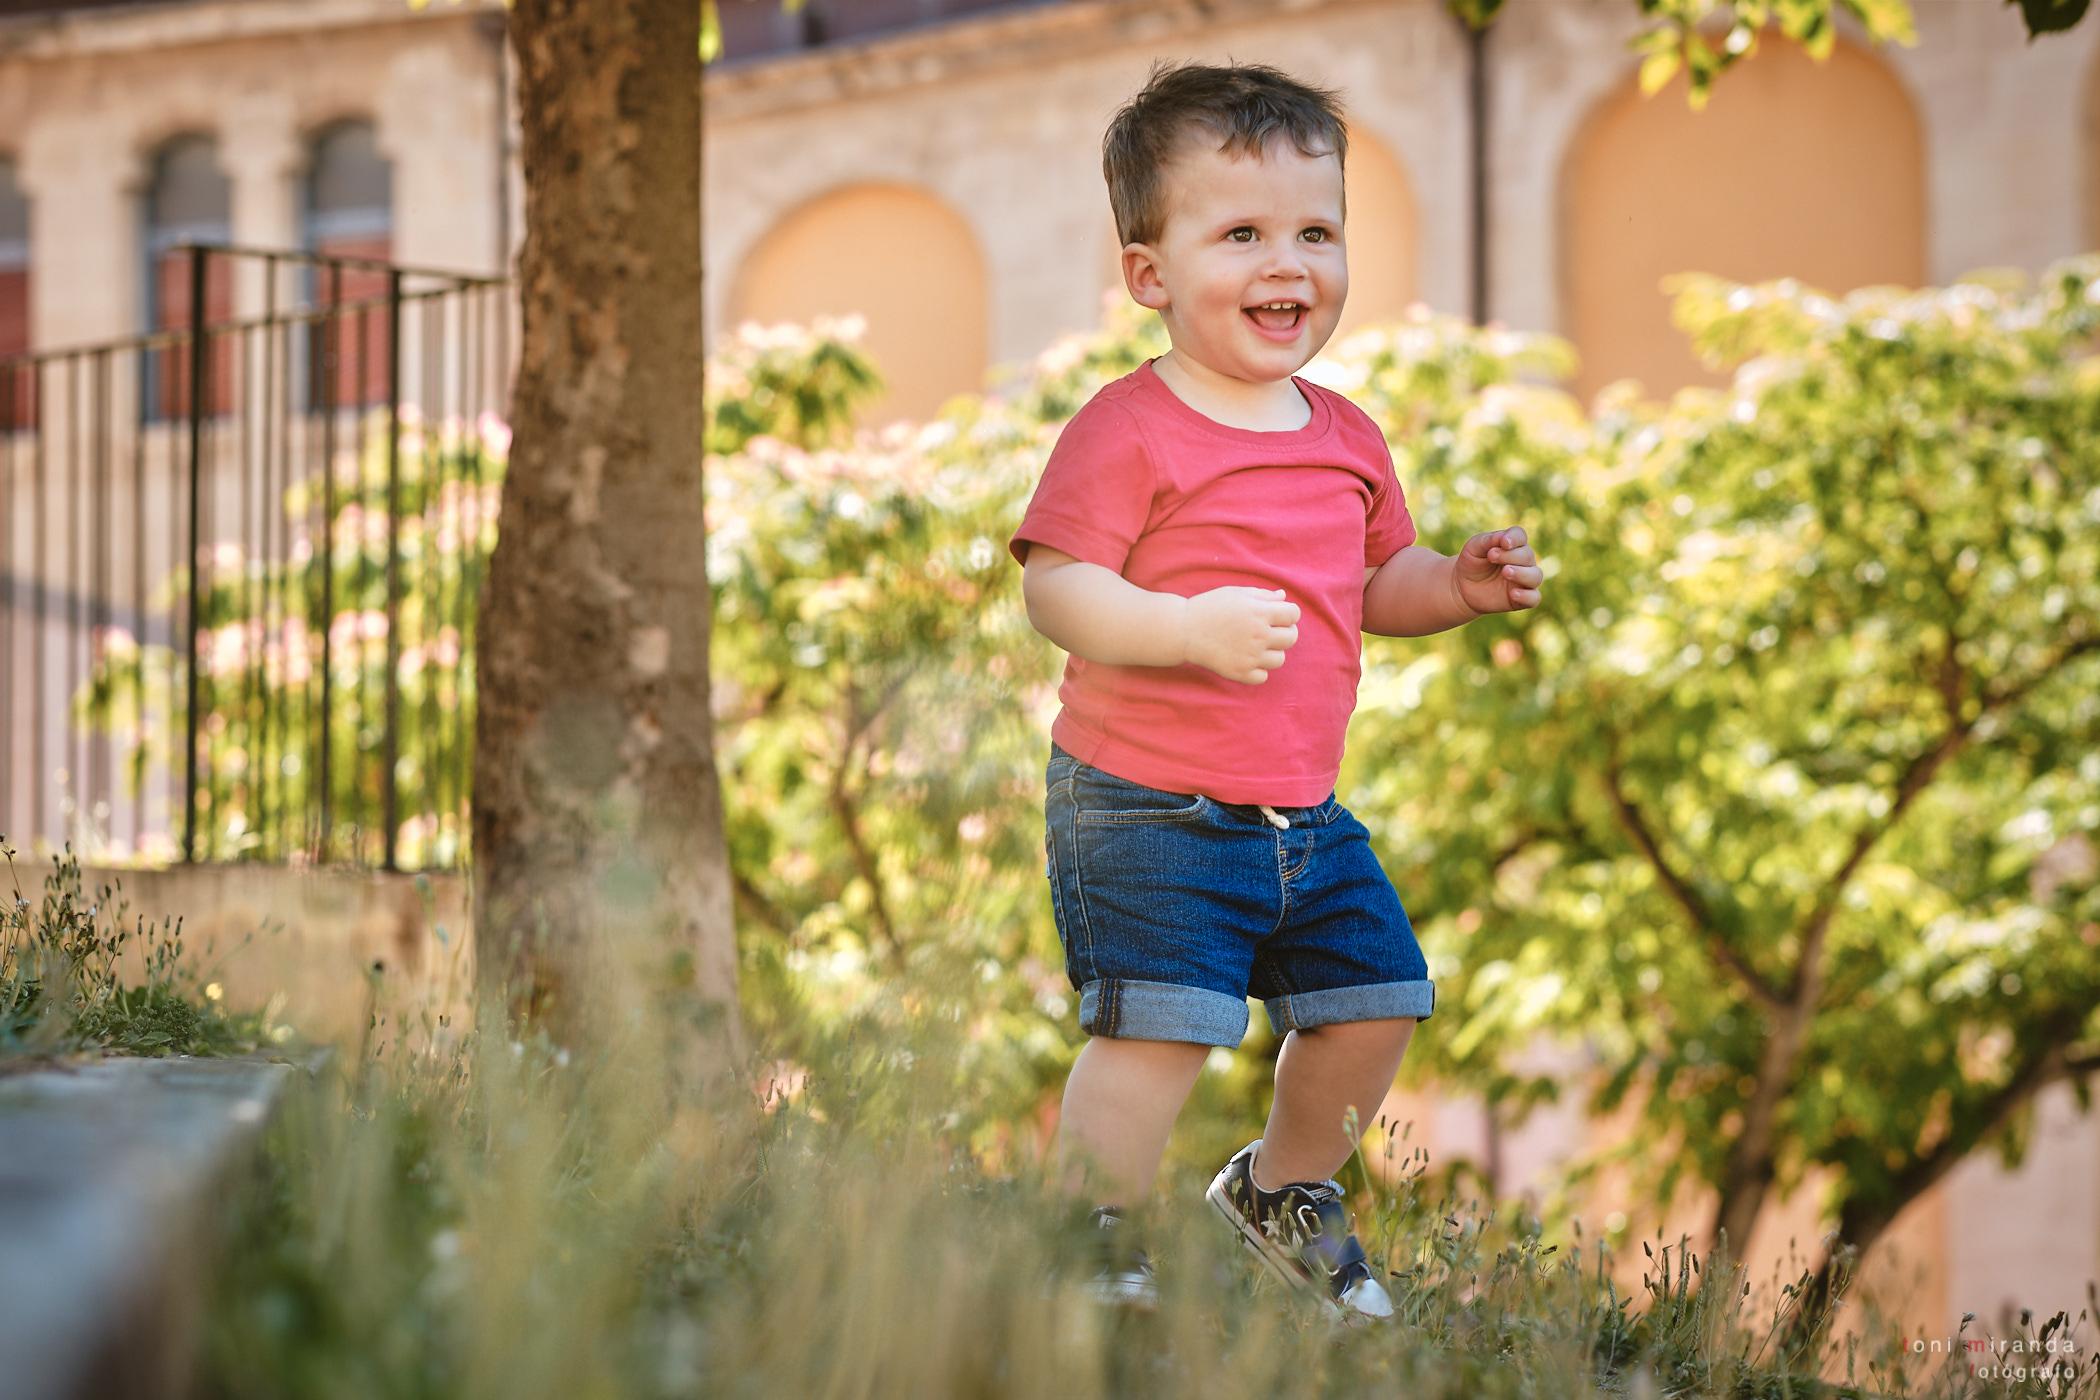 niño corriendo por el parque